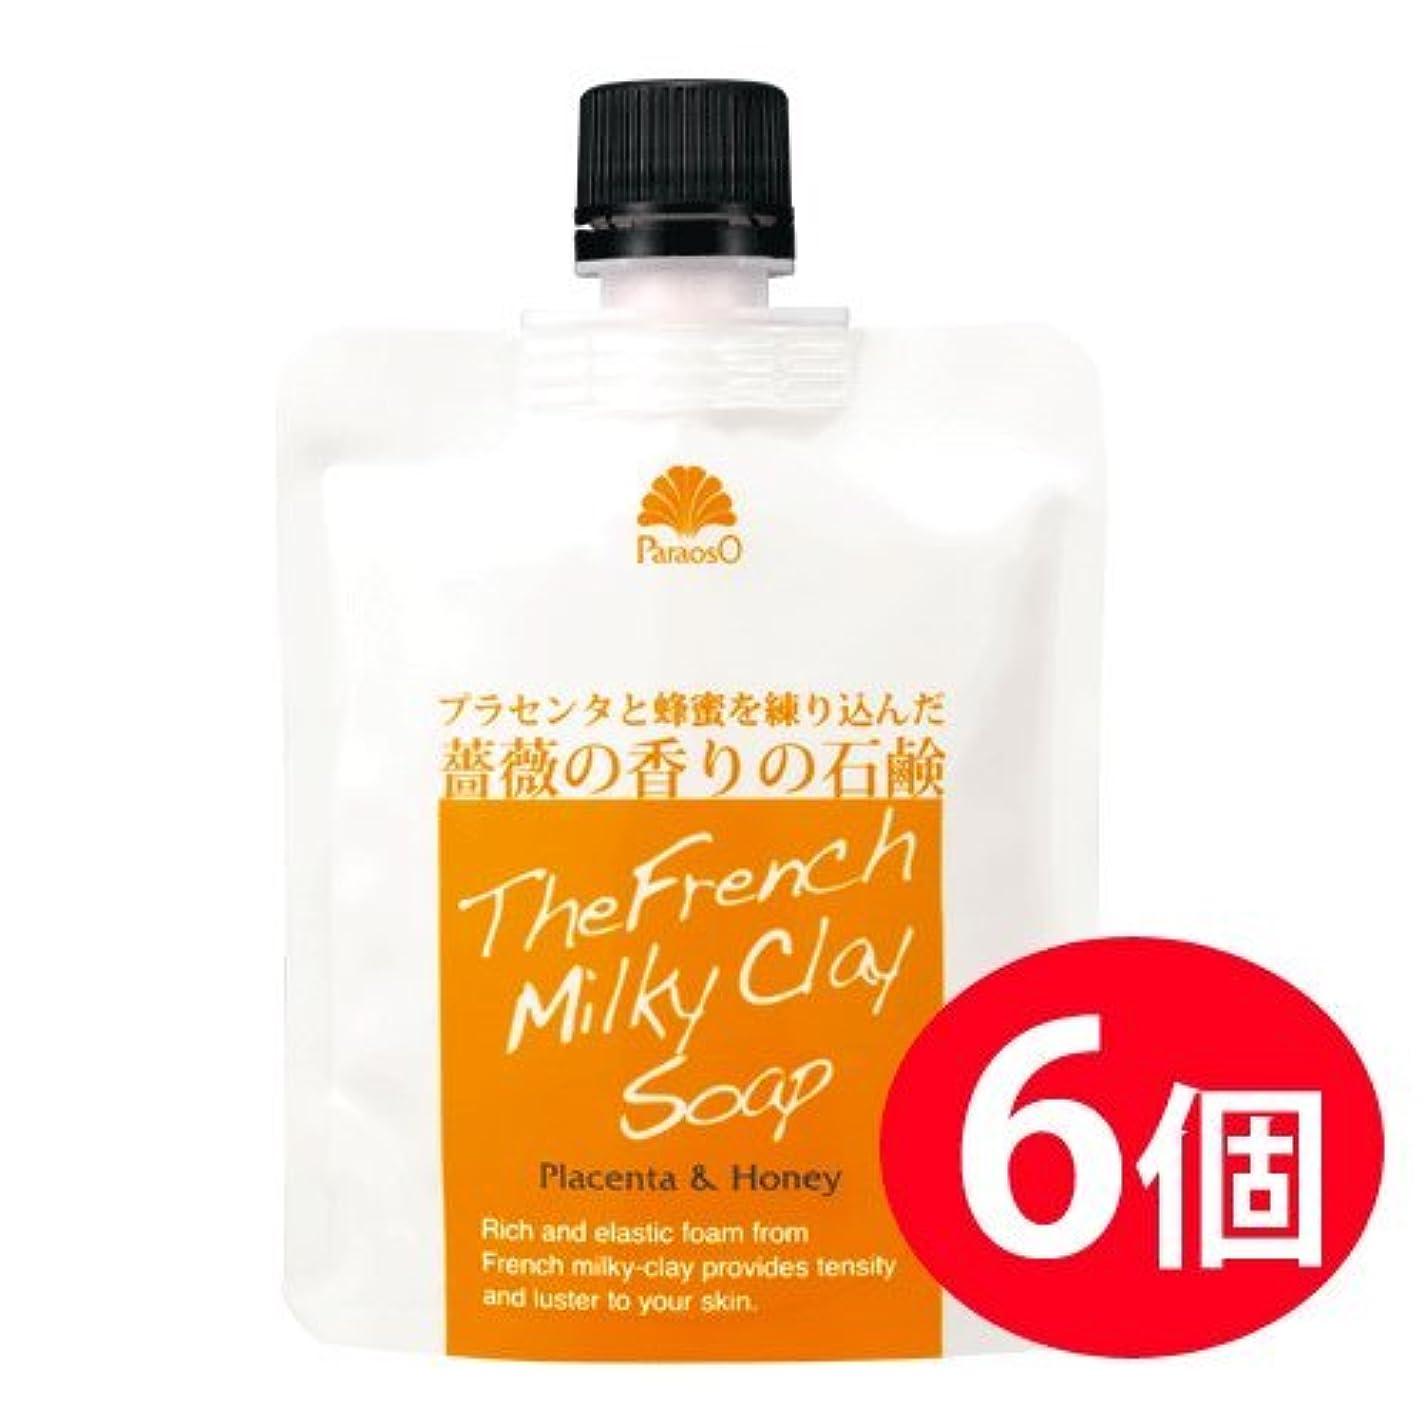 編集するあなたのもの気取らないプラセンタと蜂蜜を練り込んだ薔薇の香りの生石鹸 パラオソフレンチクレイソープ 6個